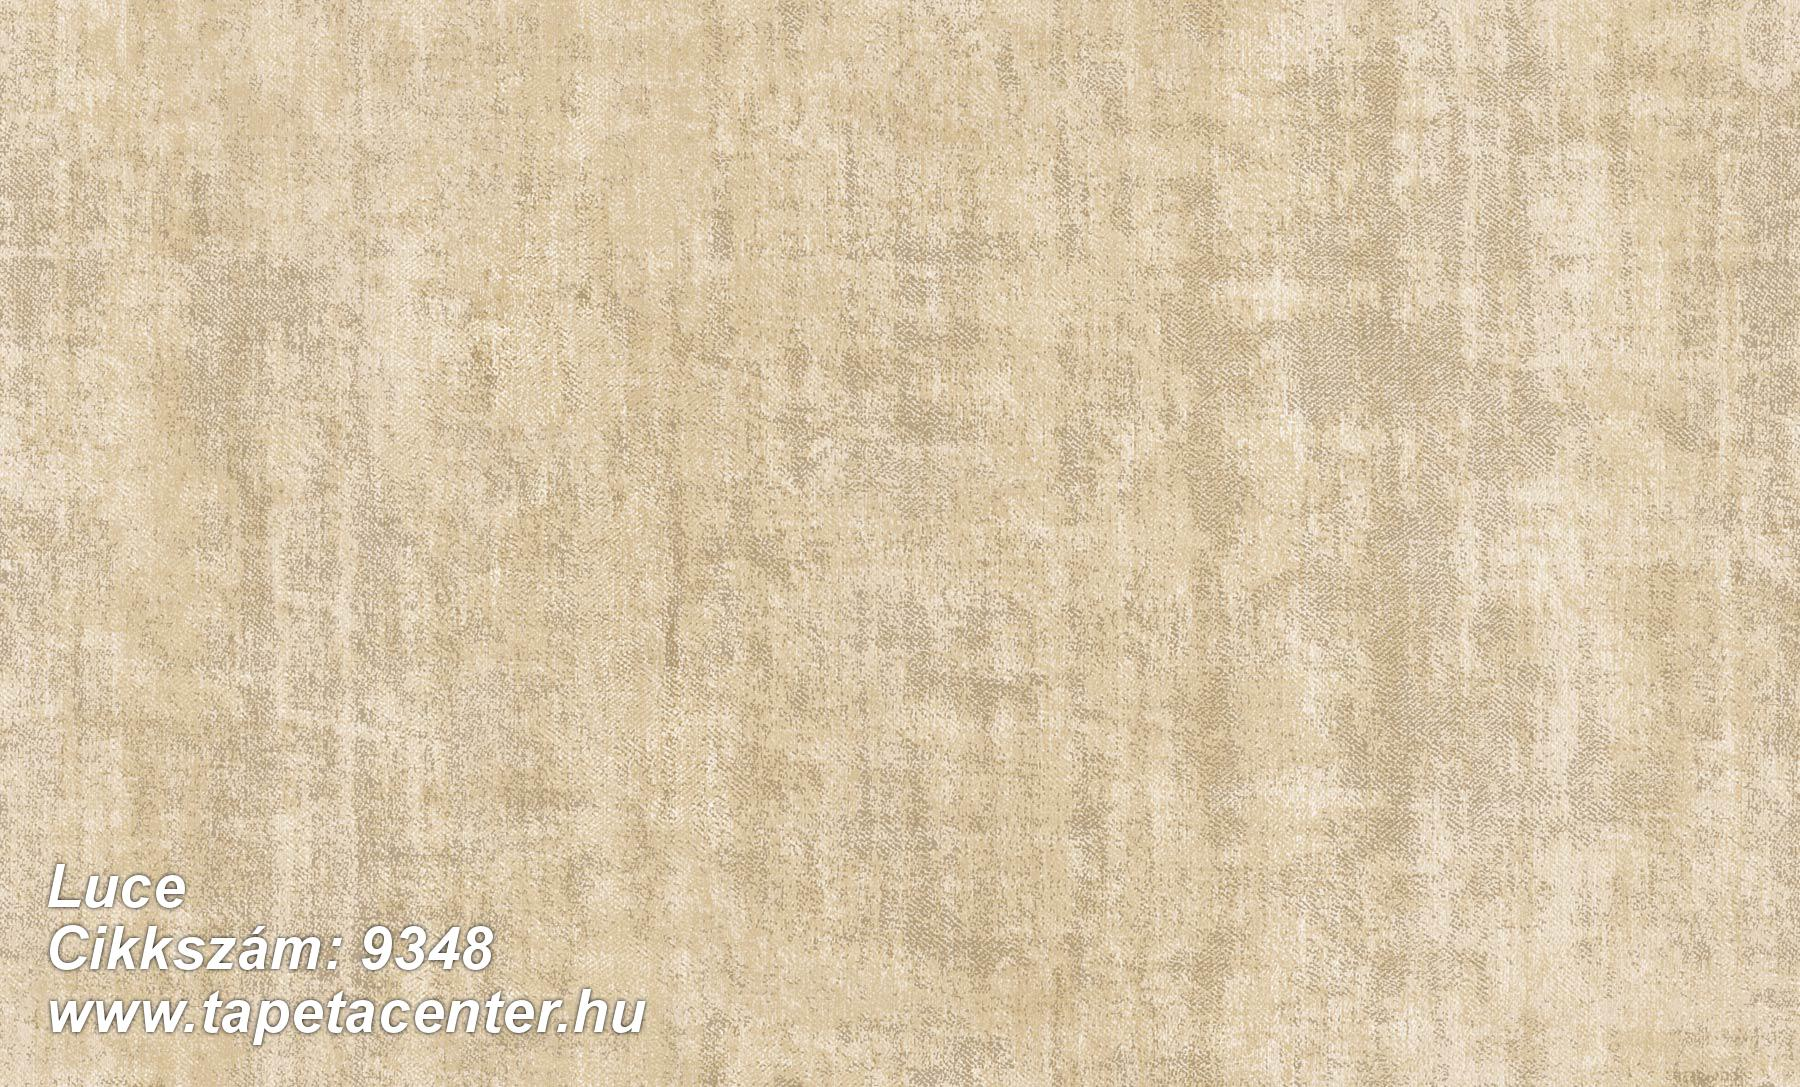 Luce - 9348 Olasz tapéta